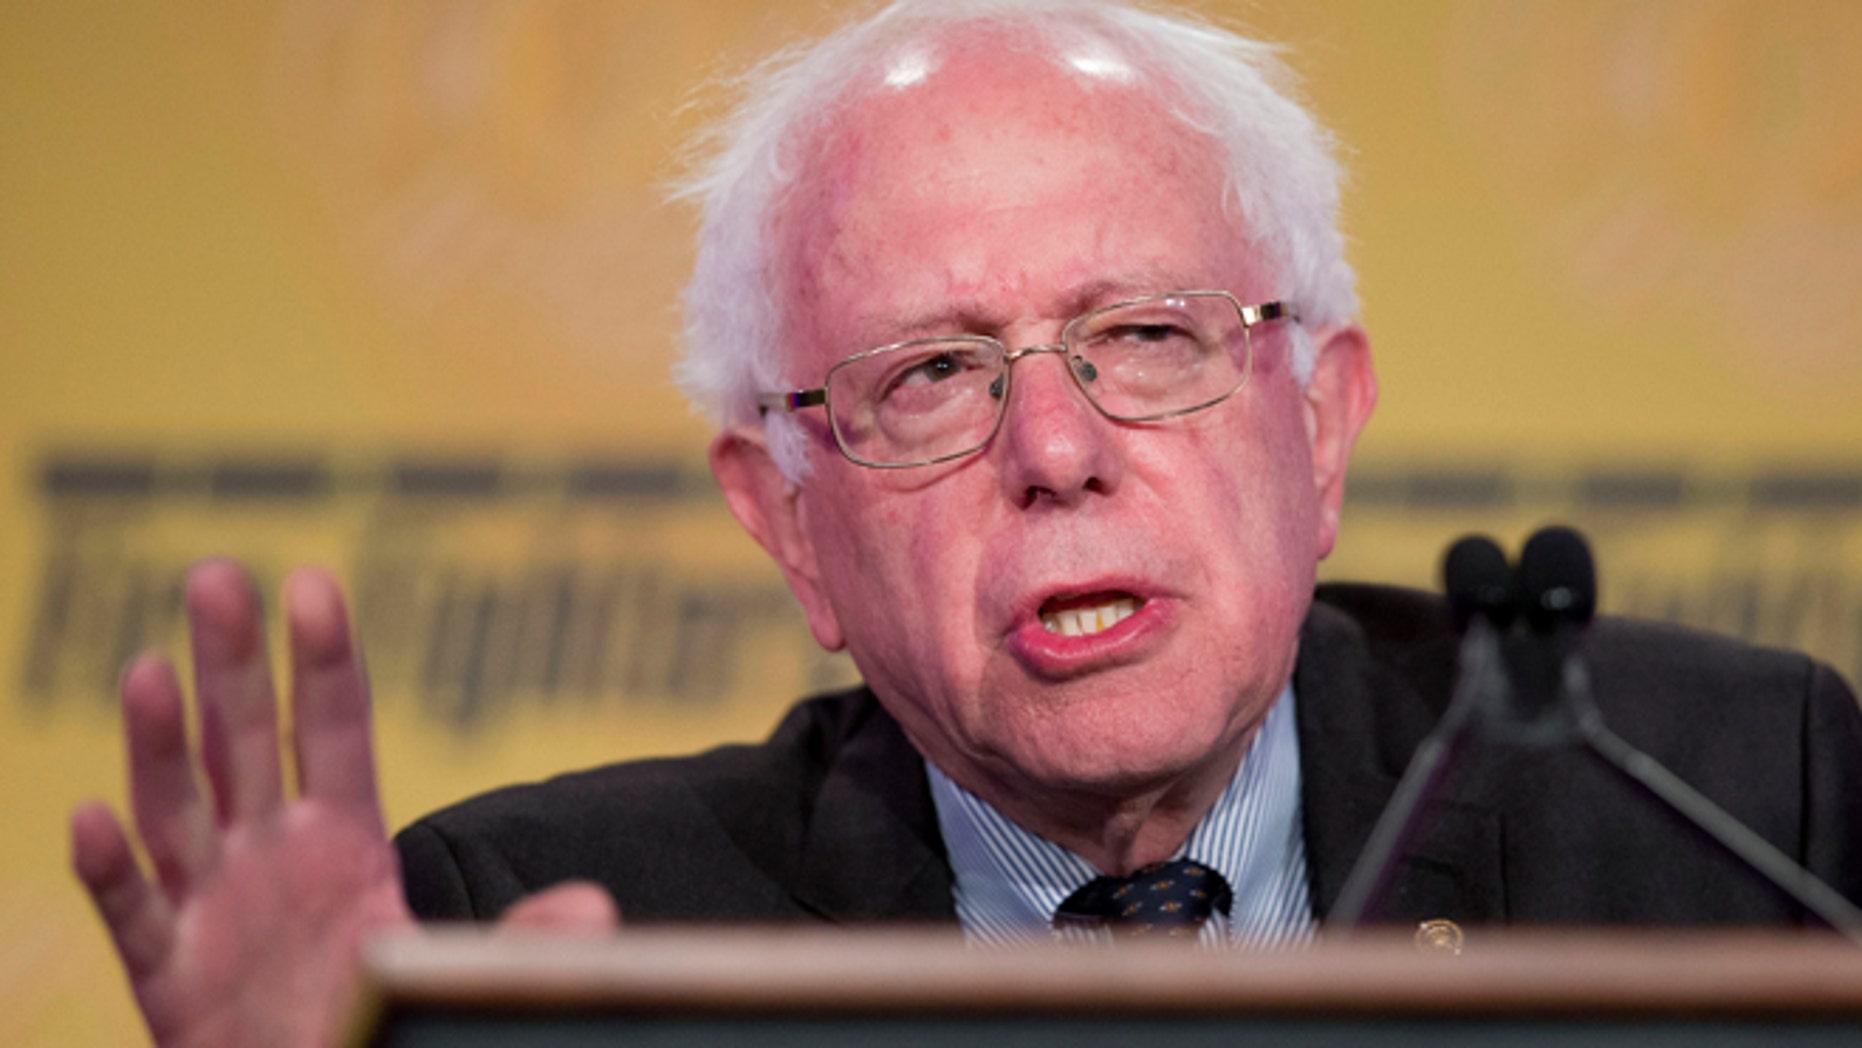 Sen. Bernie Sanders on March 10, 2015 in Washington, DC.